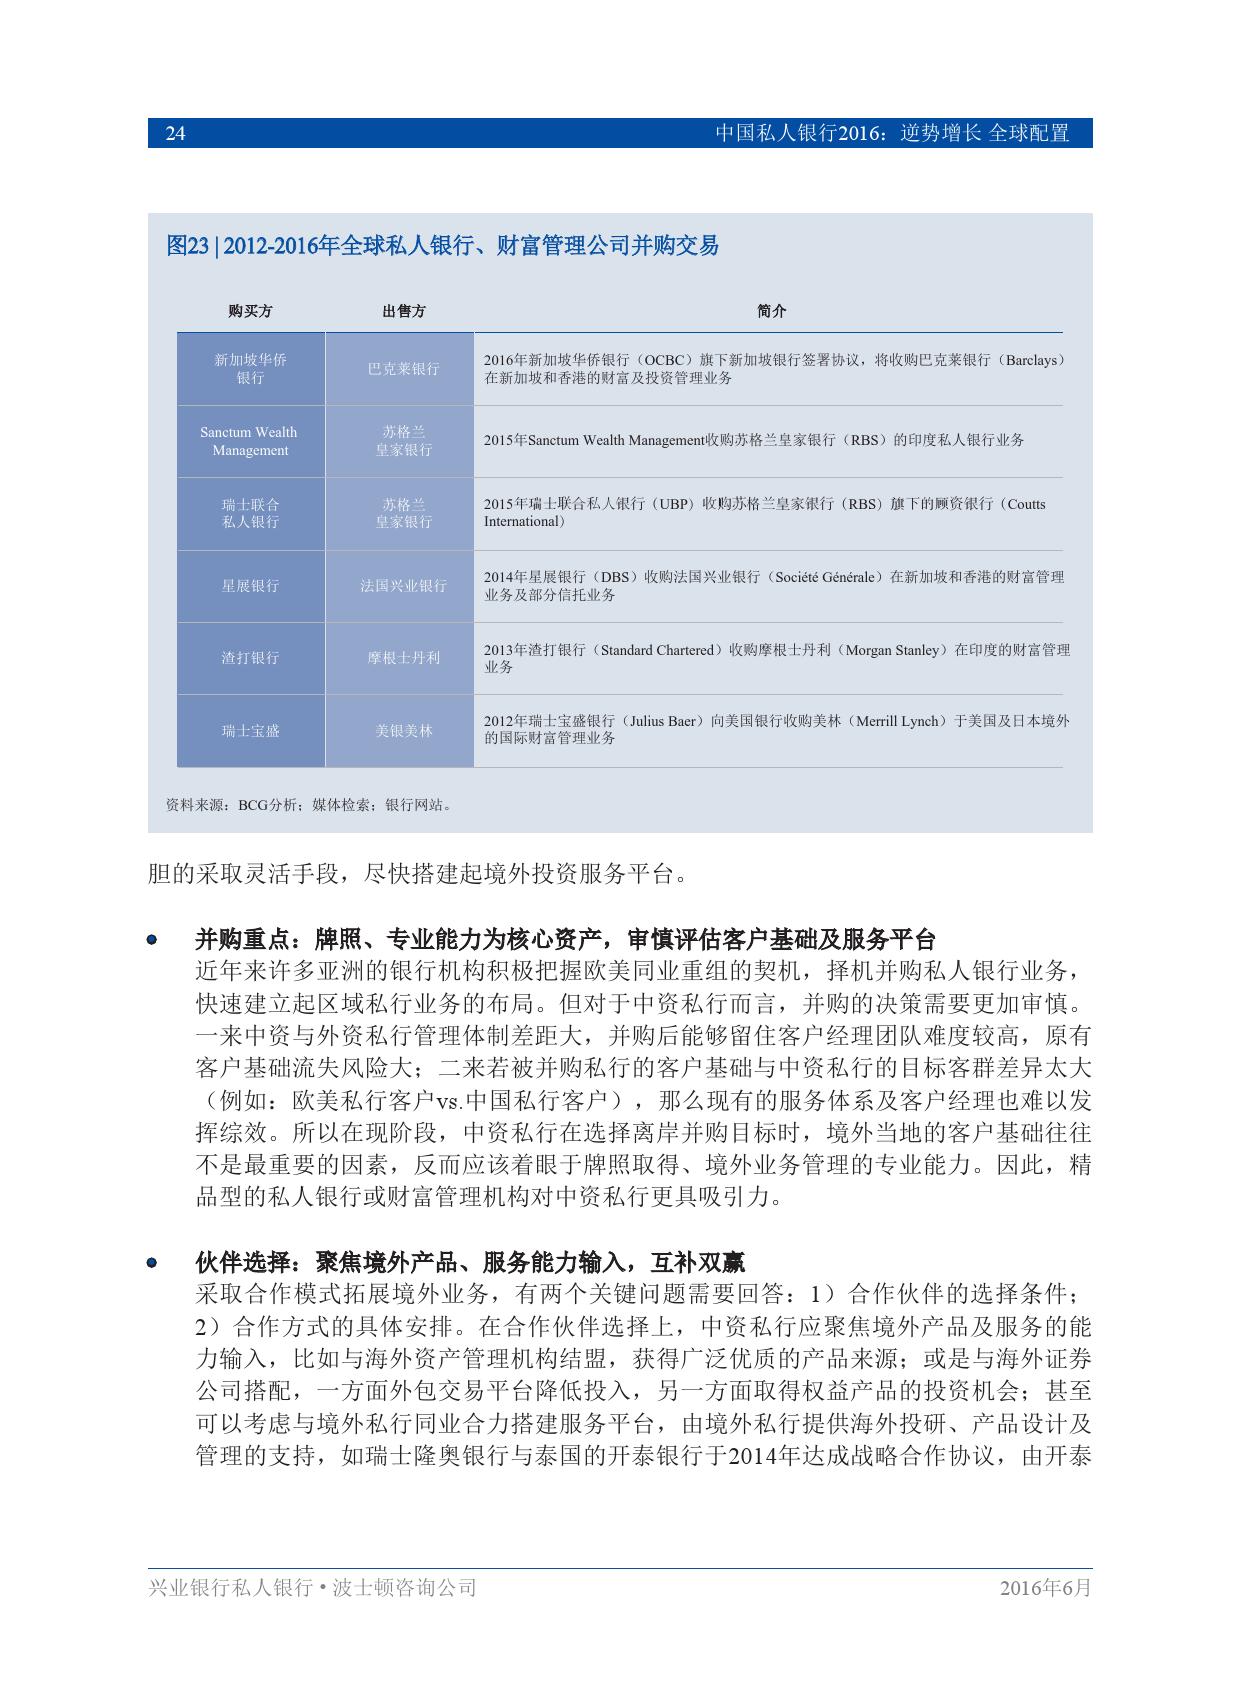 中国私人银行2016逆势增长、全球配置_000026